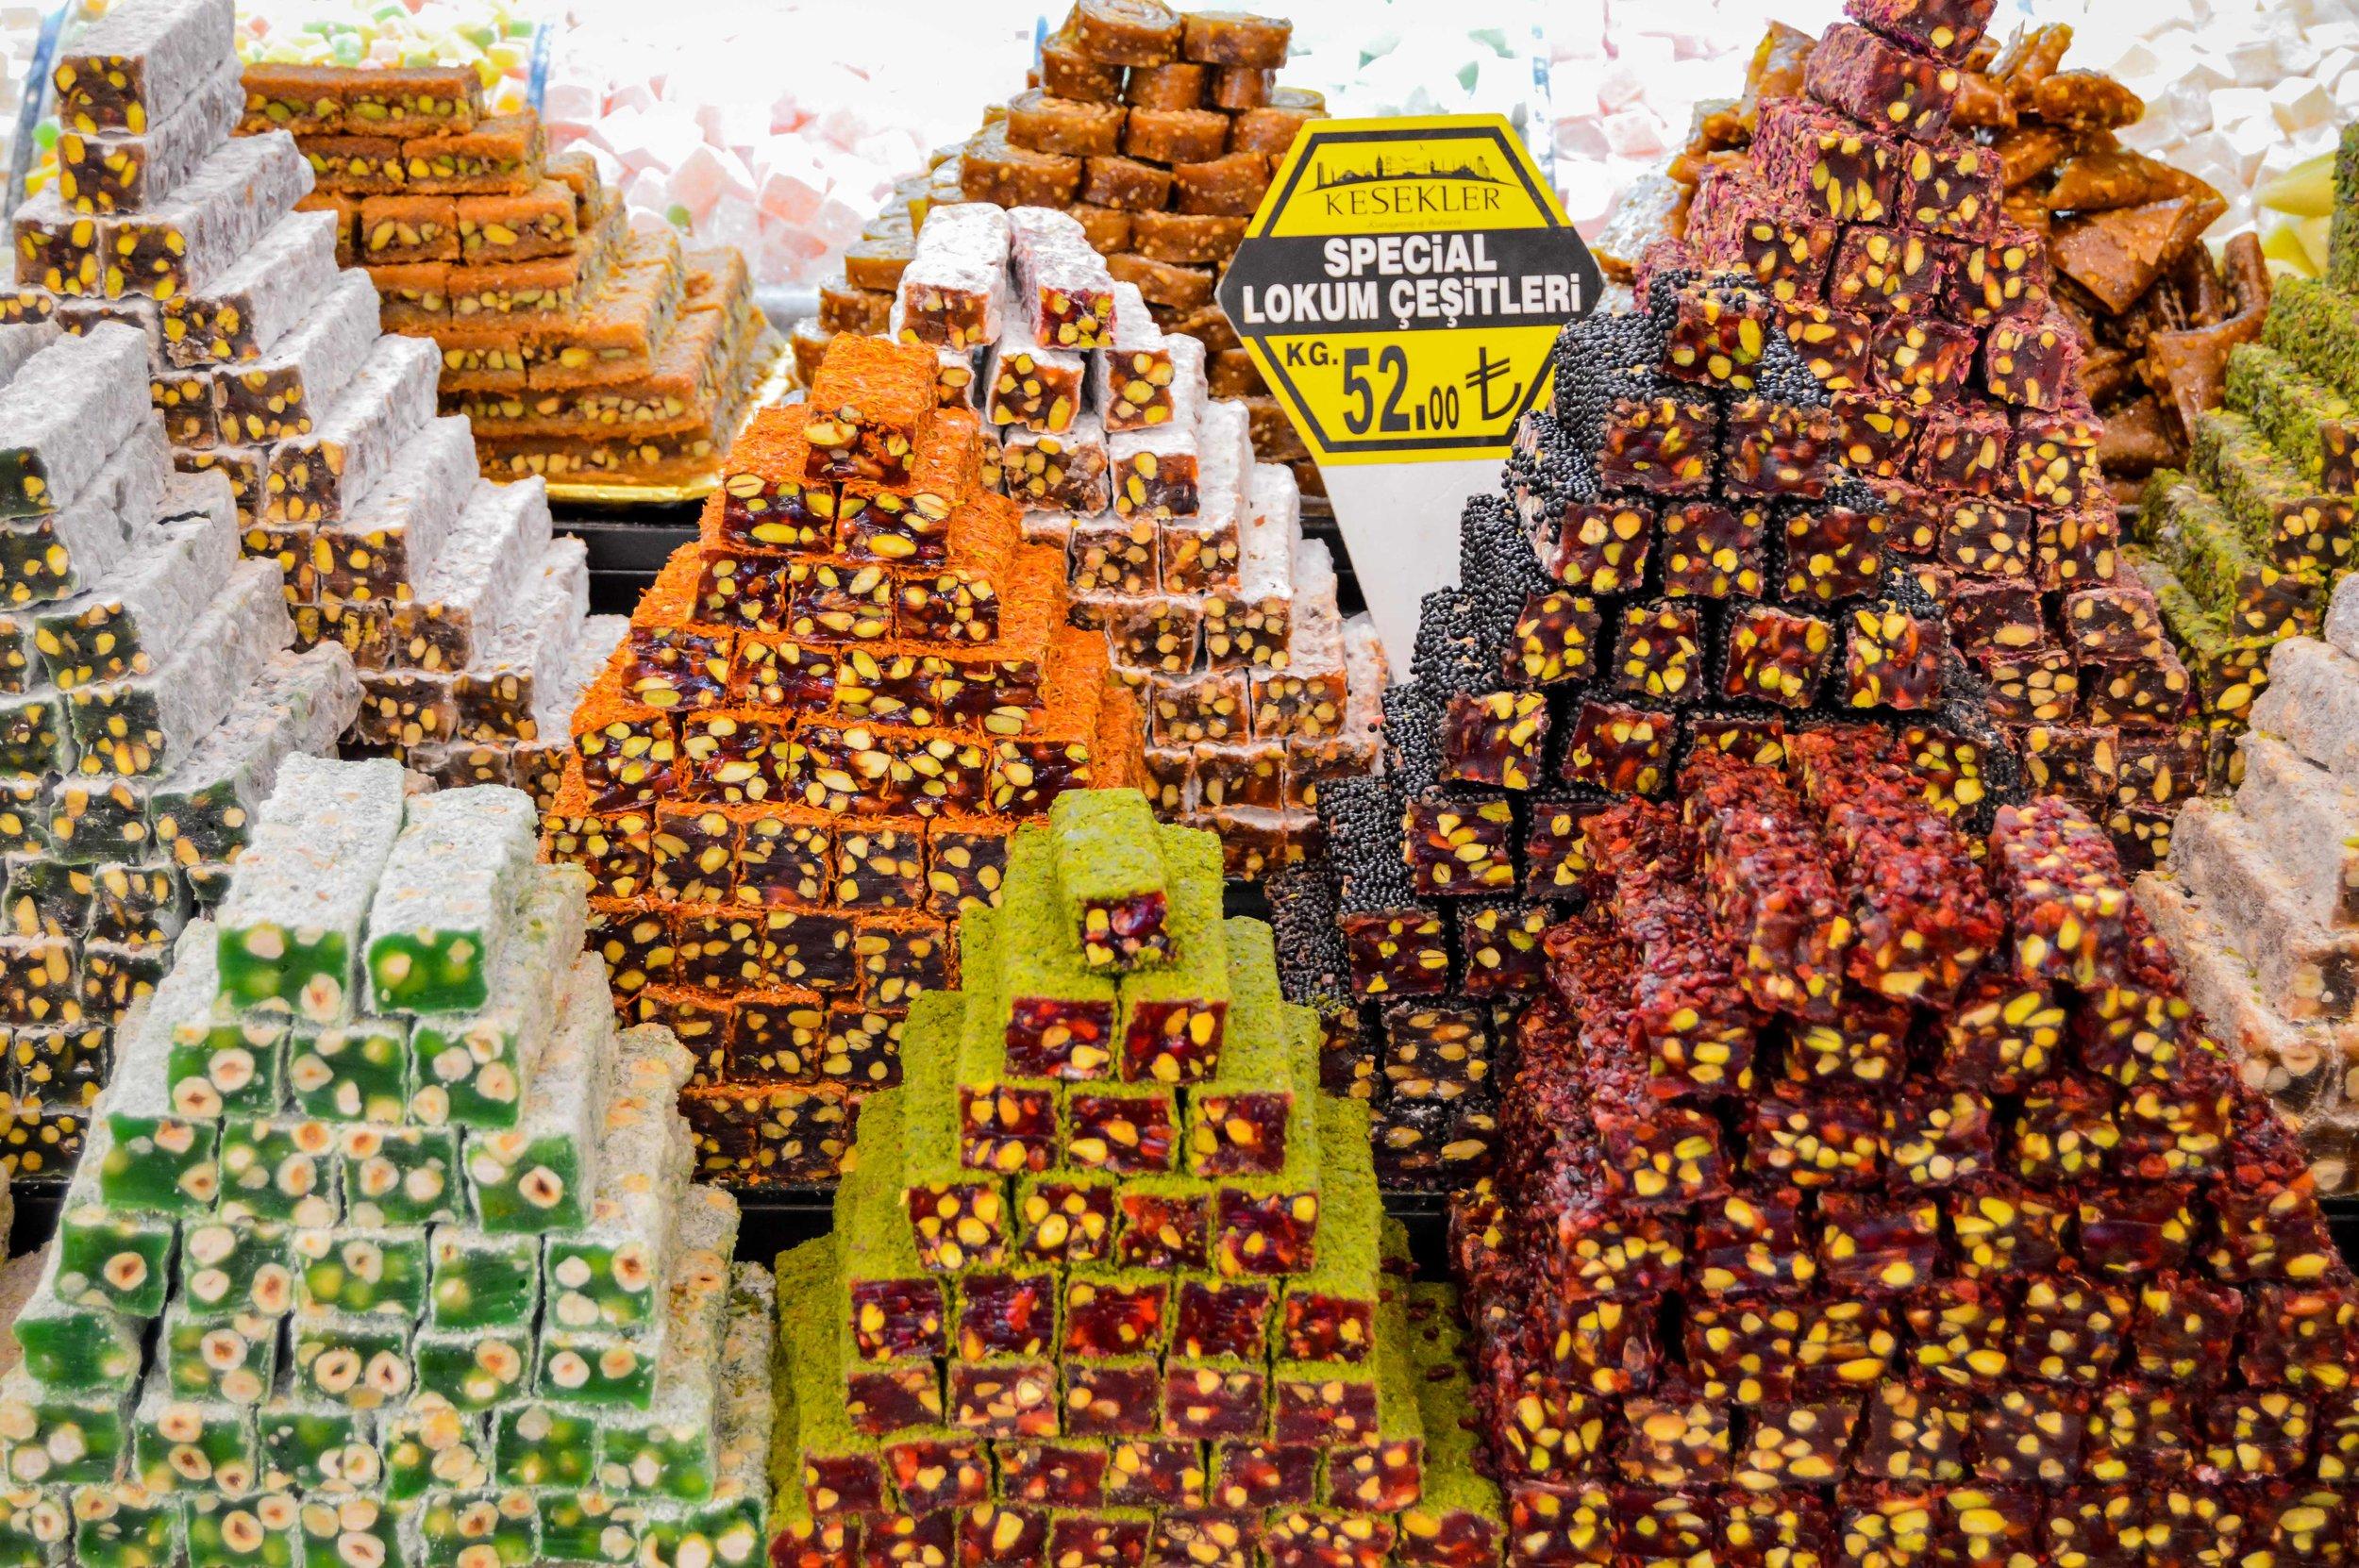 Turkish Delight Spice Bazaar Mısır Çarşısı Muslim Ottoman Persian Empire Constantinople Istanbul Turkey